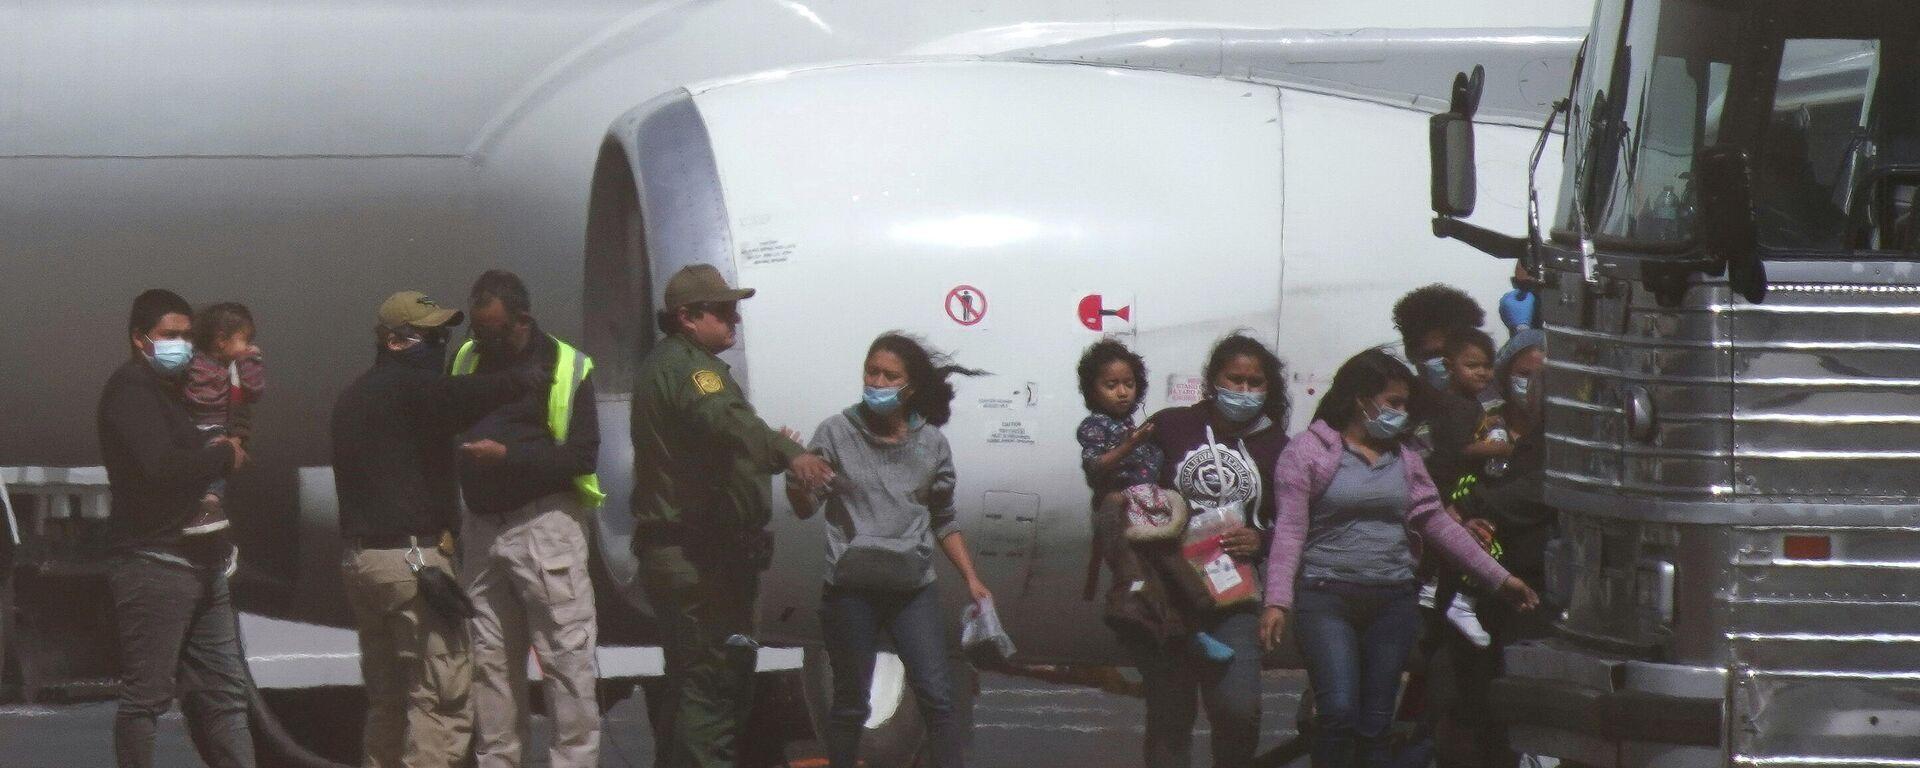 Migrantes llegan en un vuelo fletado a El Paso (Texas) para ser deportados (archivo) - Sputnik Mundo, 1920, 20.03.2021